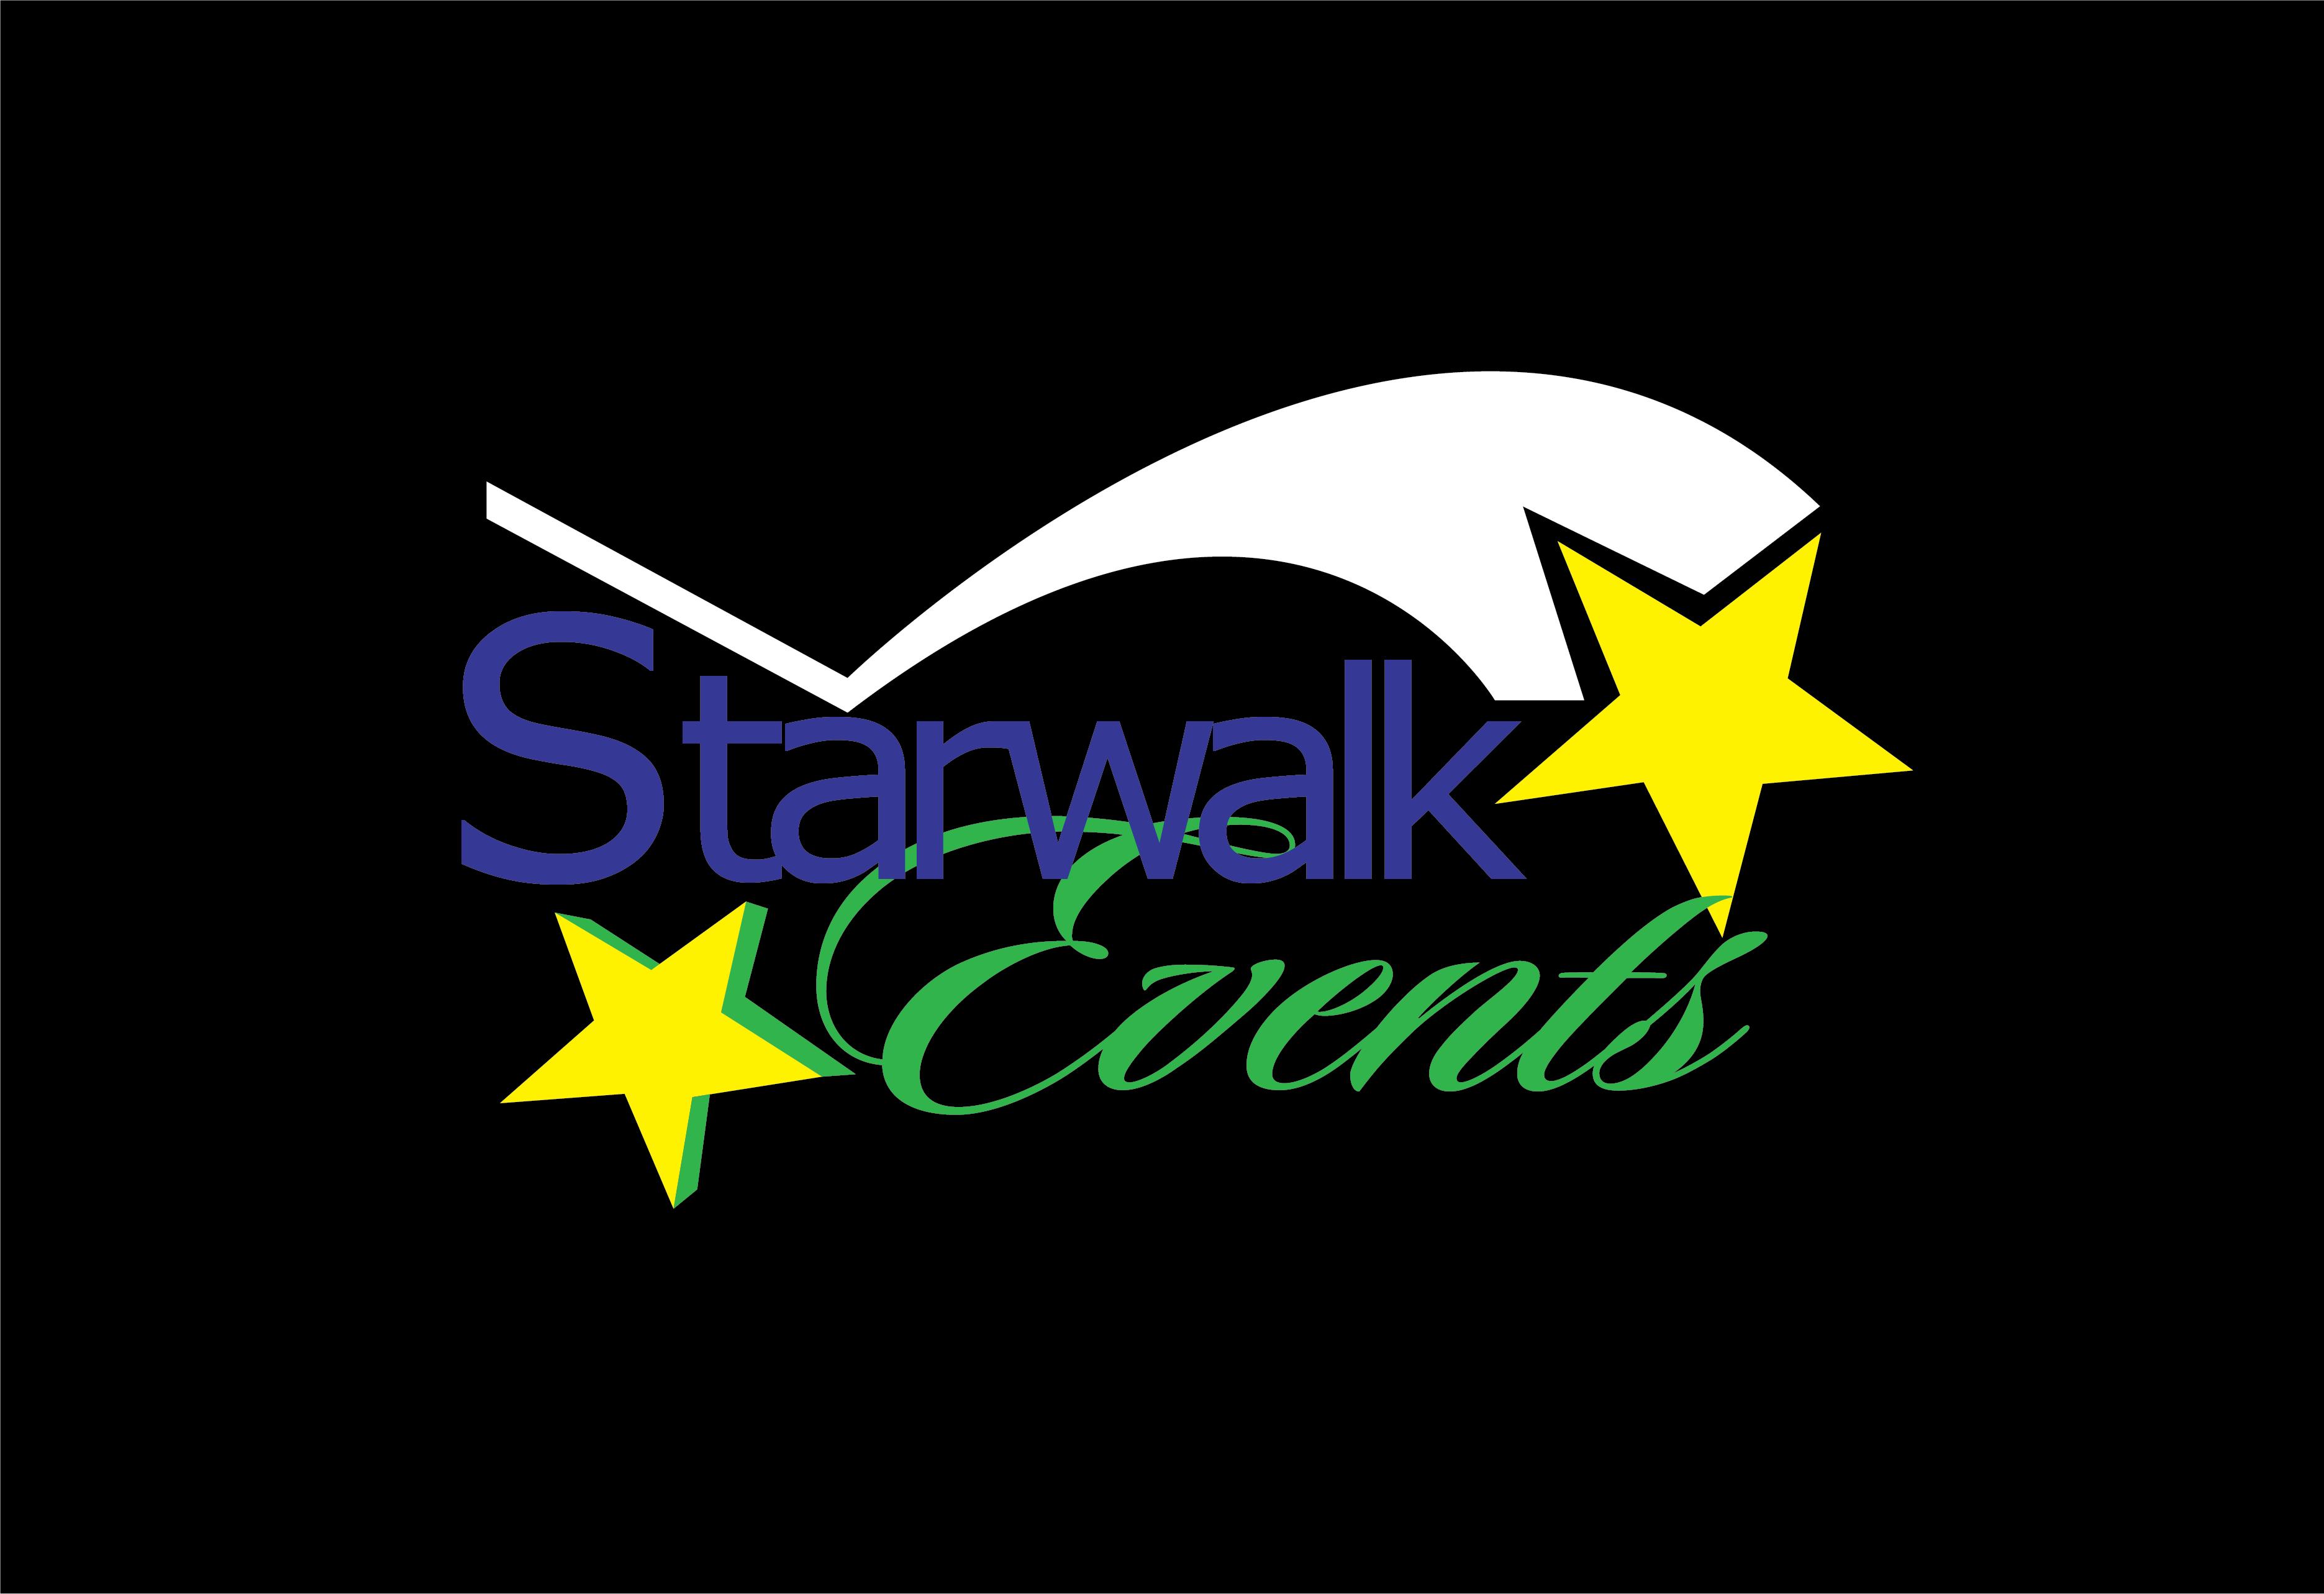 StarwalkLogo_BlueWalk_BlackBackground